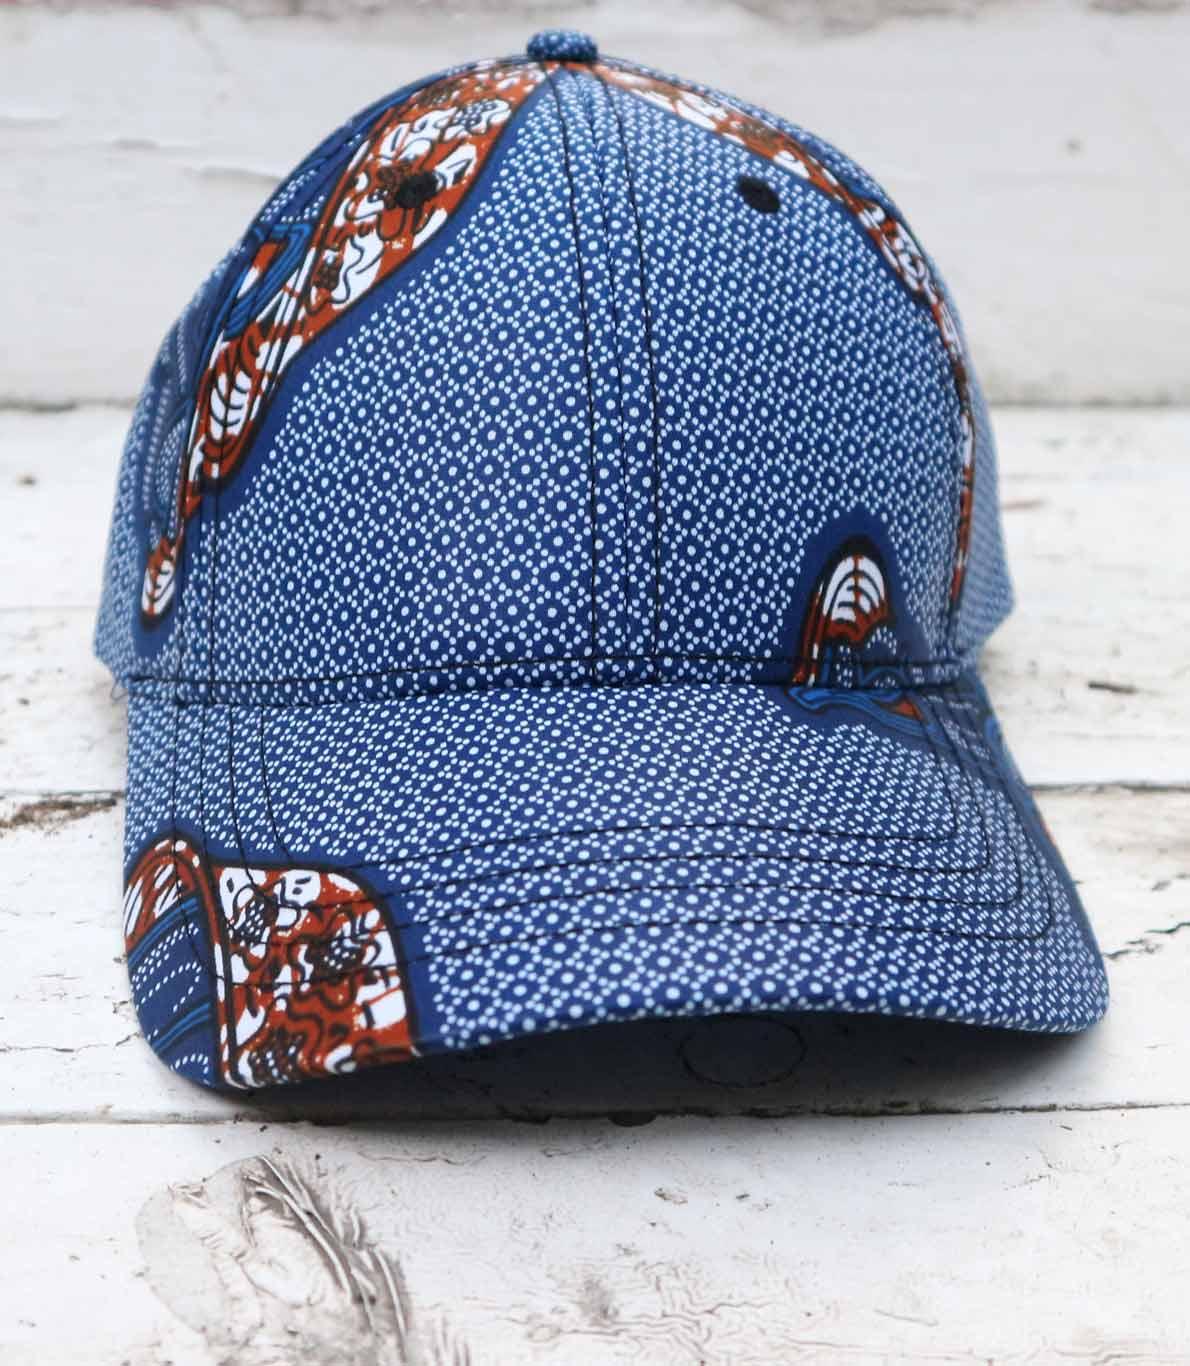 Chapéu azul e branco com pormenores em azul escuro e laranja.